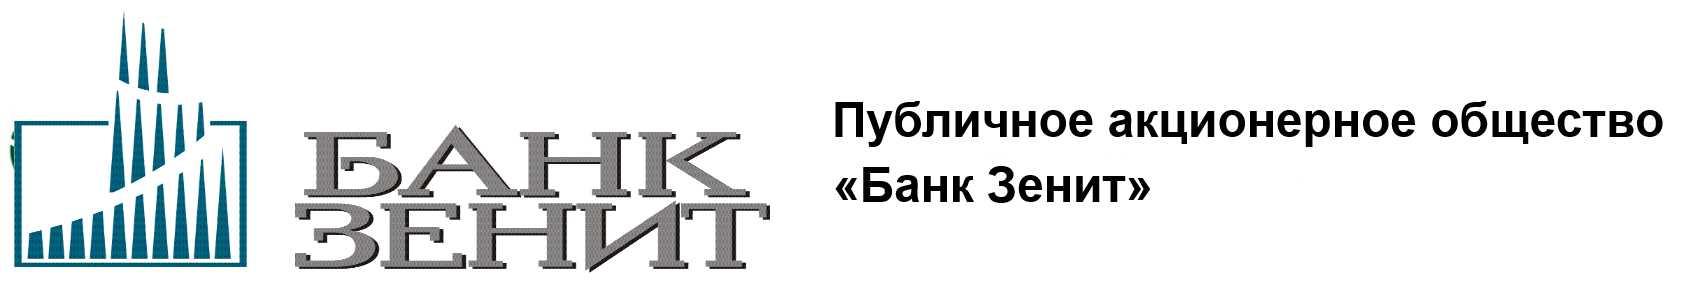 Банк Зенит - кредит наличными